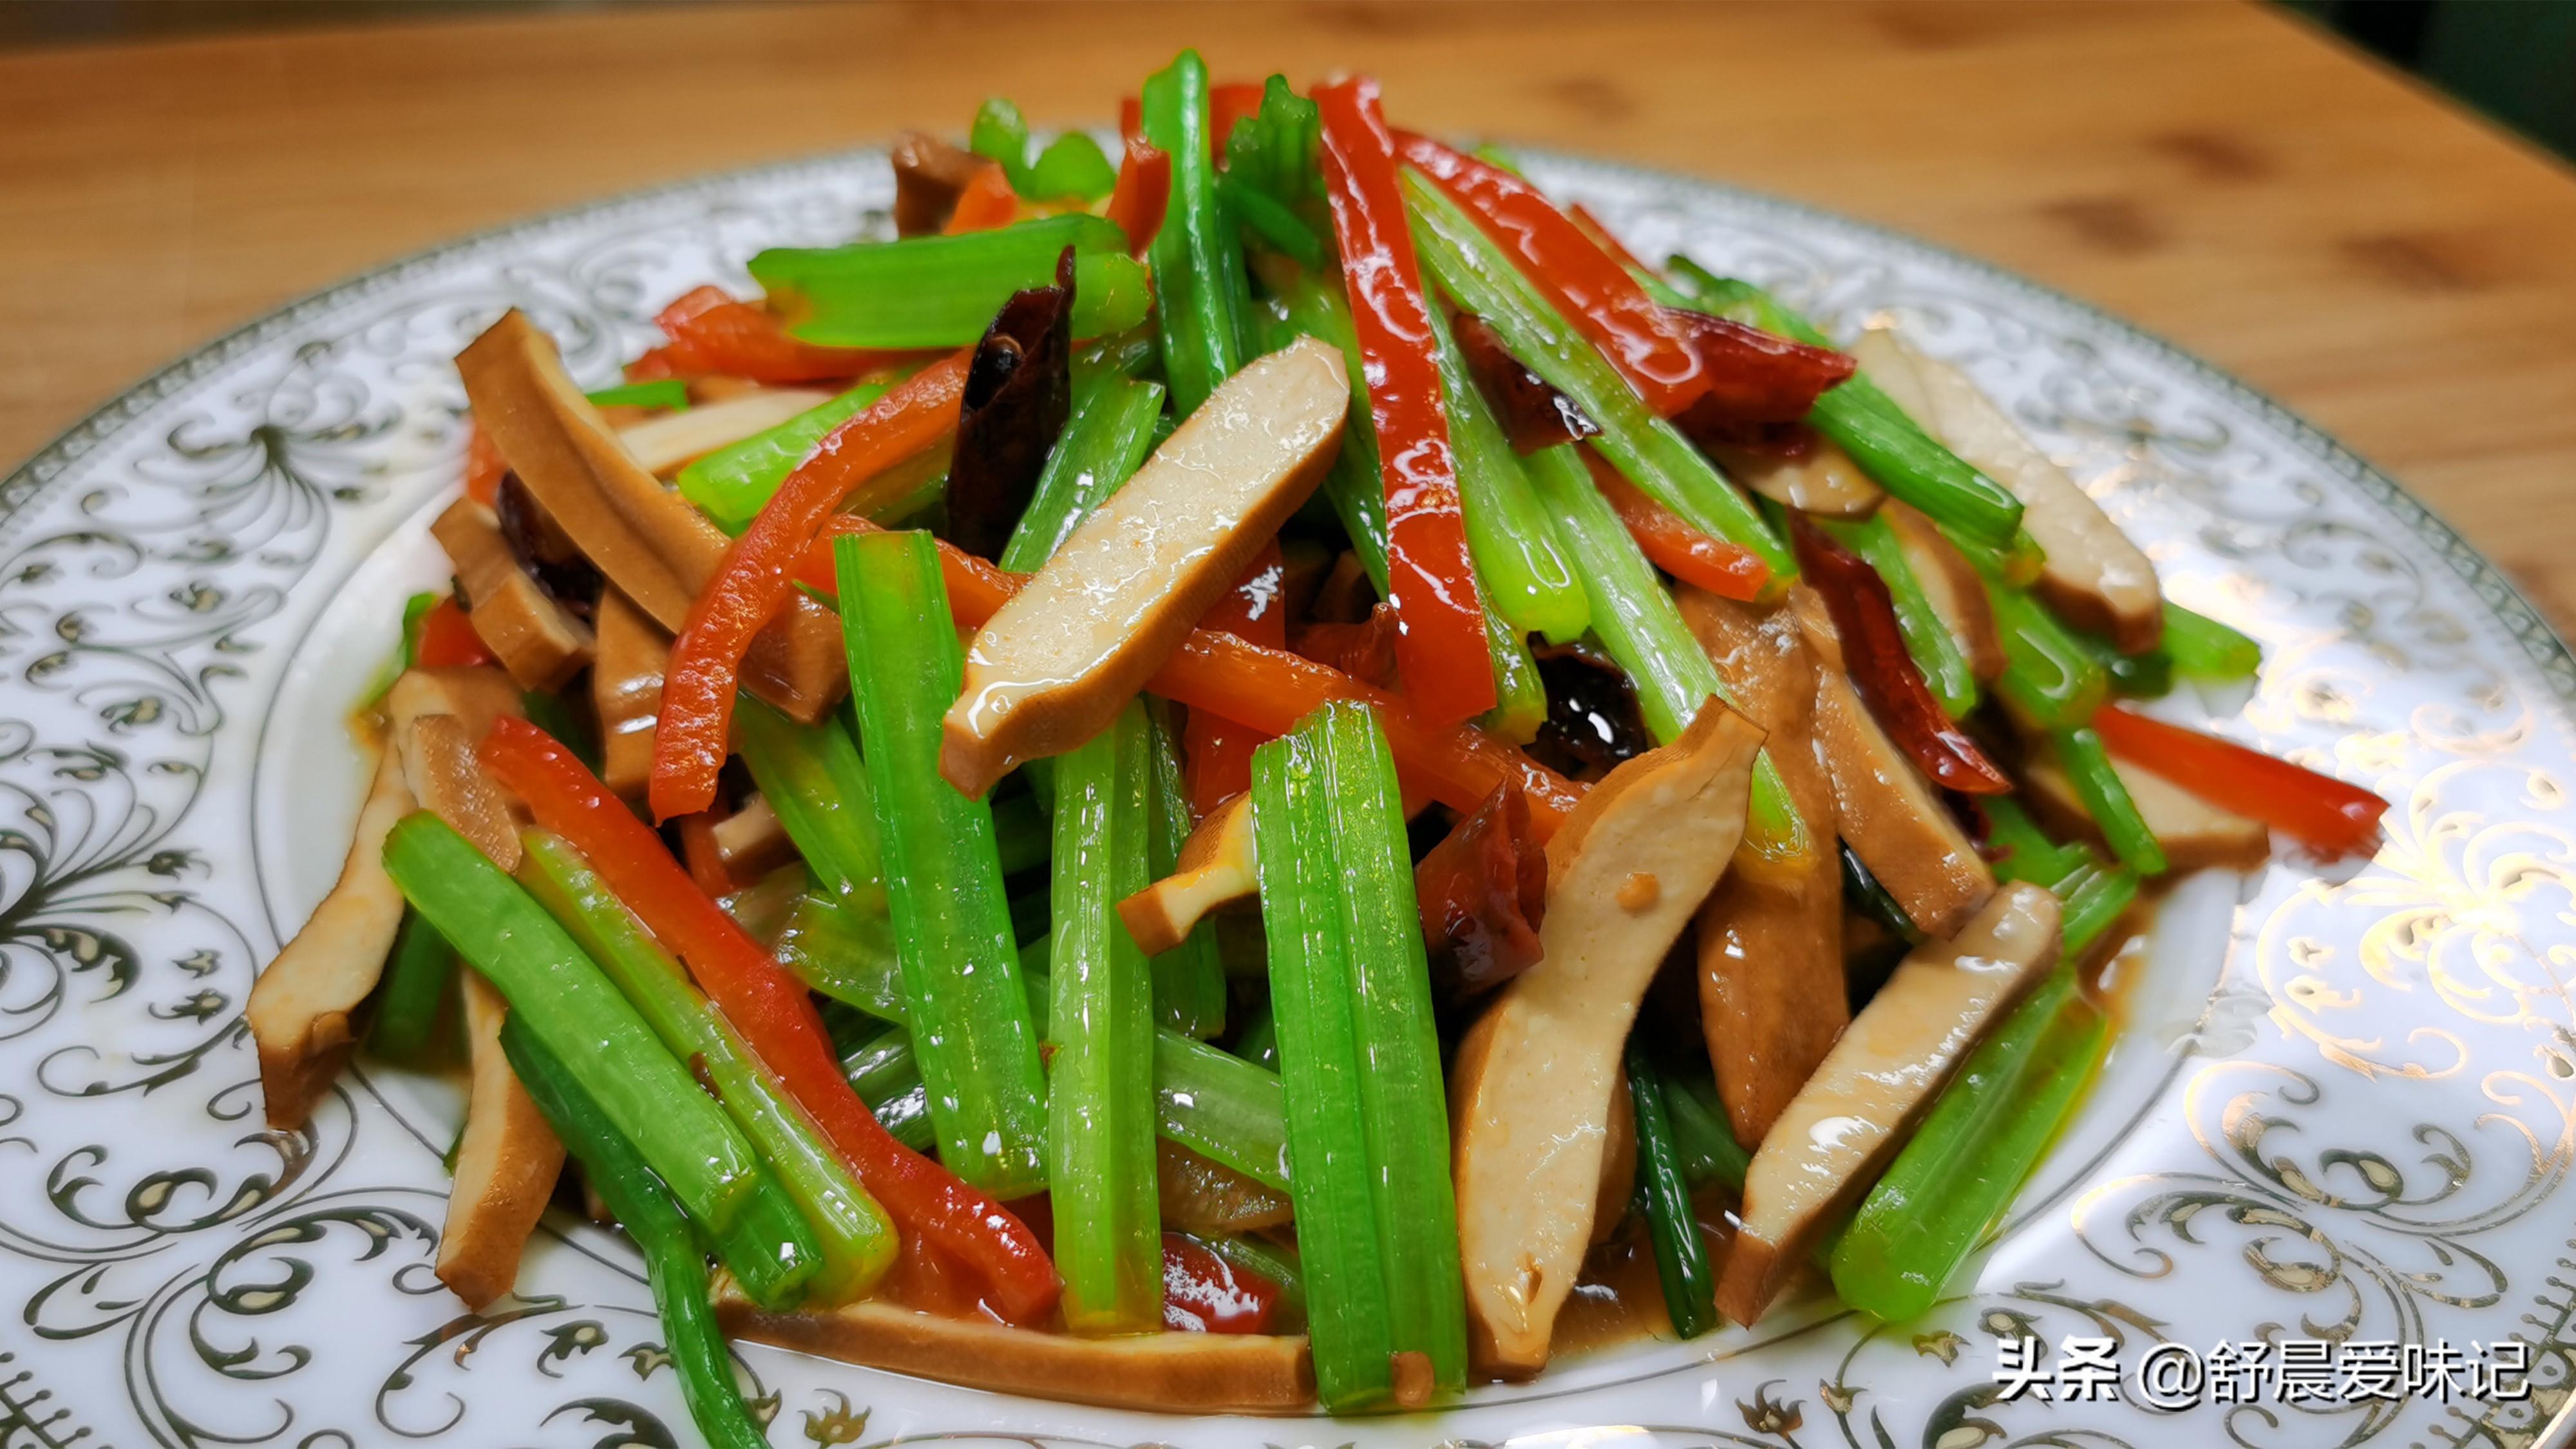 芹菜炒豆干,怎么做才好吃?饭店都喜欢的做法,清脆爽口又入味 美食做法 第1张